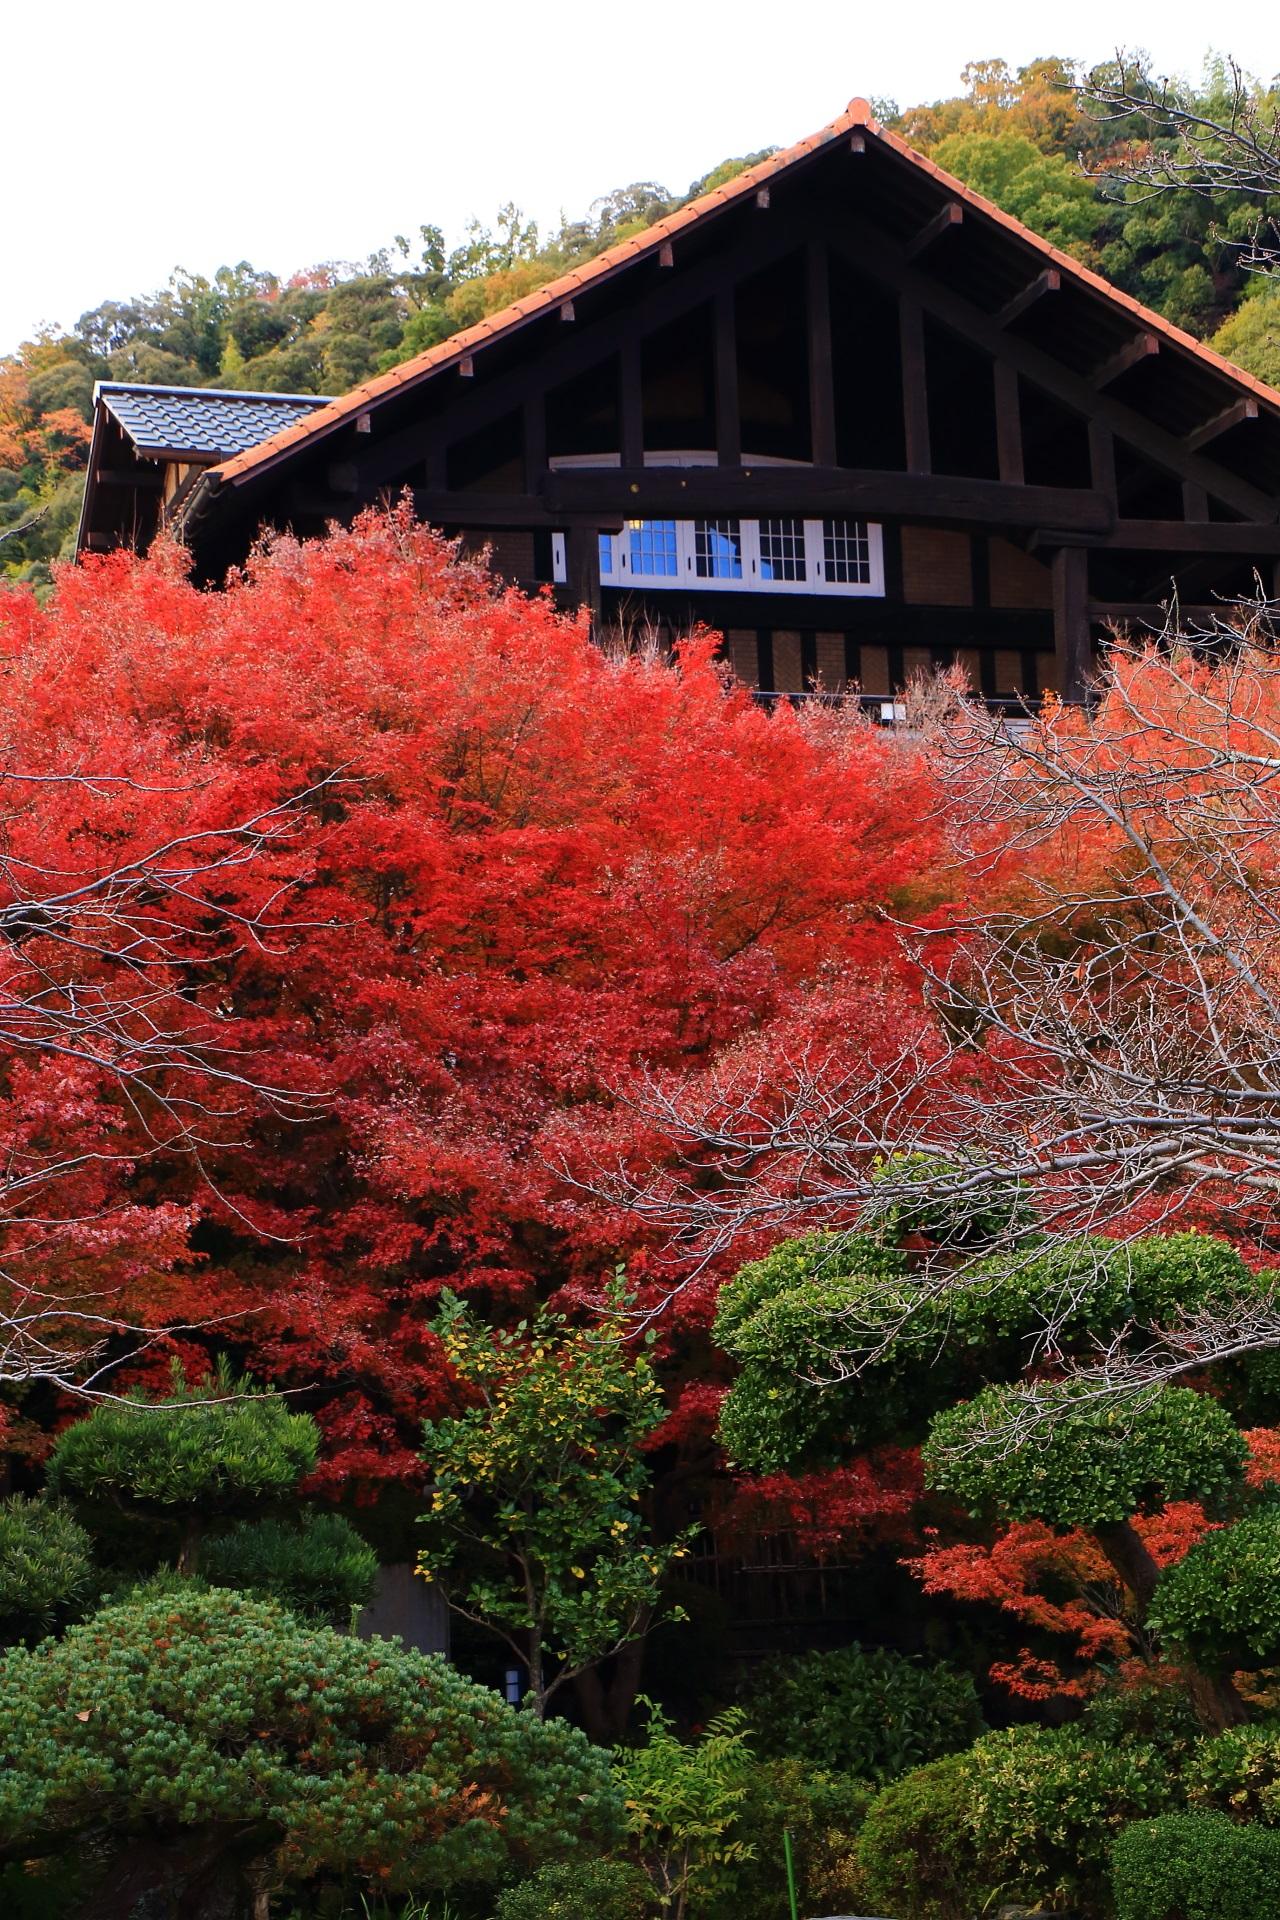 松や刈り込みの深い緑と真っ赤な紅葉の綺麗なコントラスト